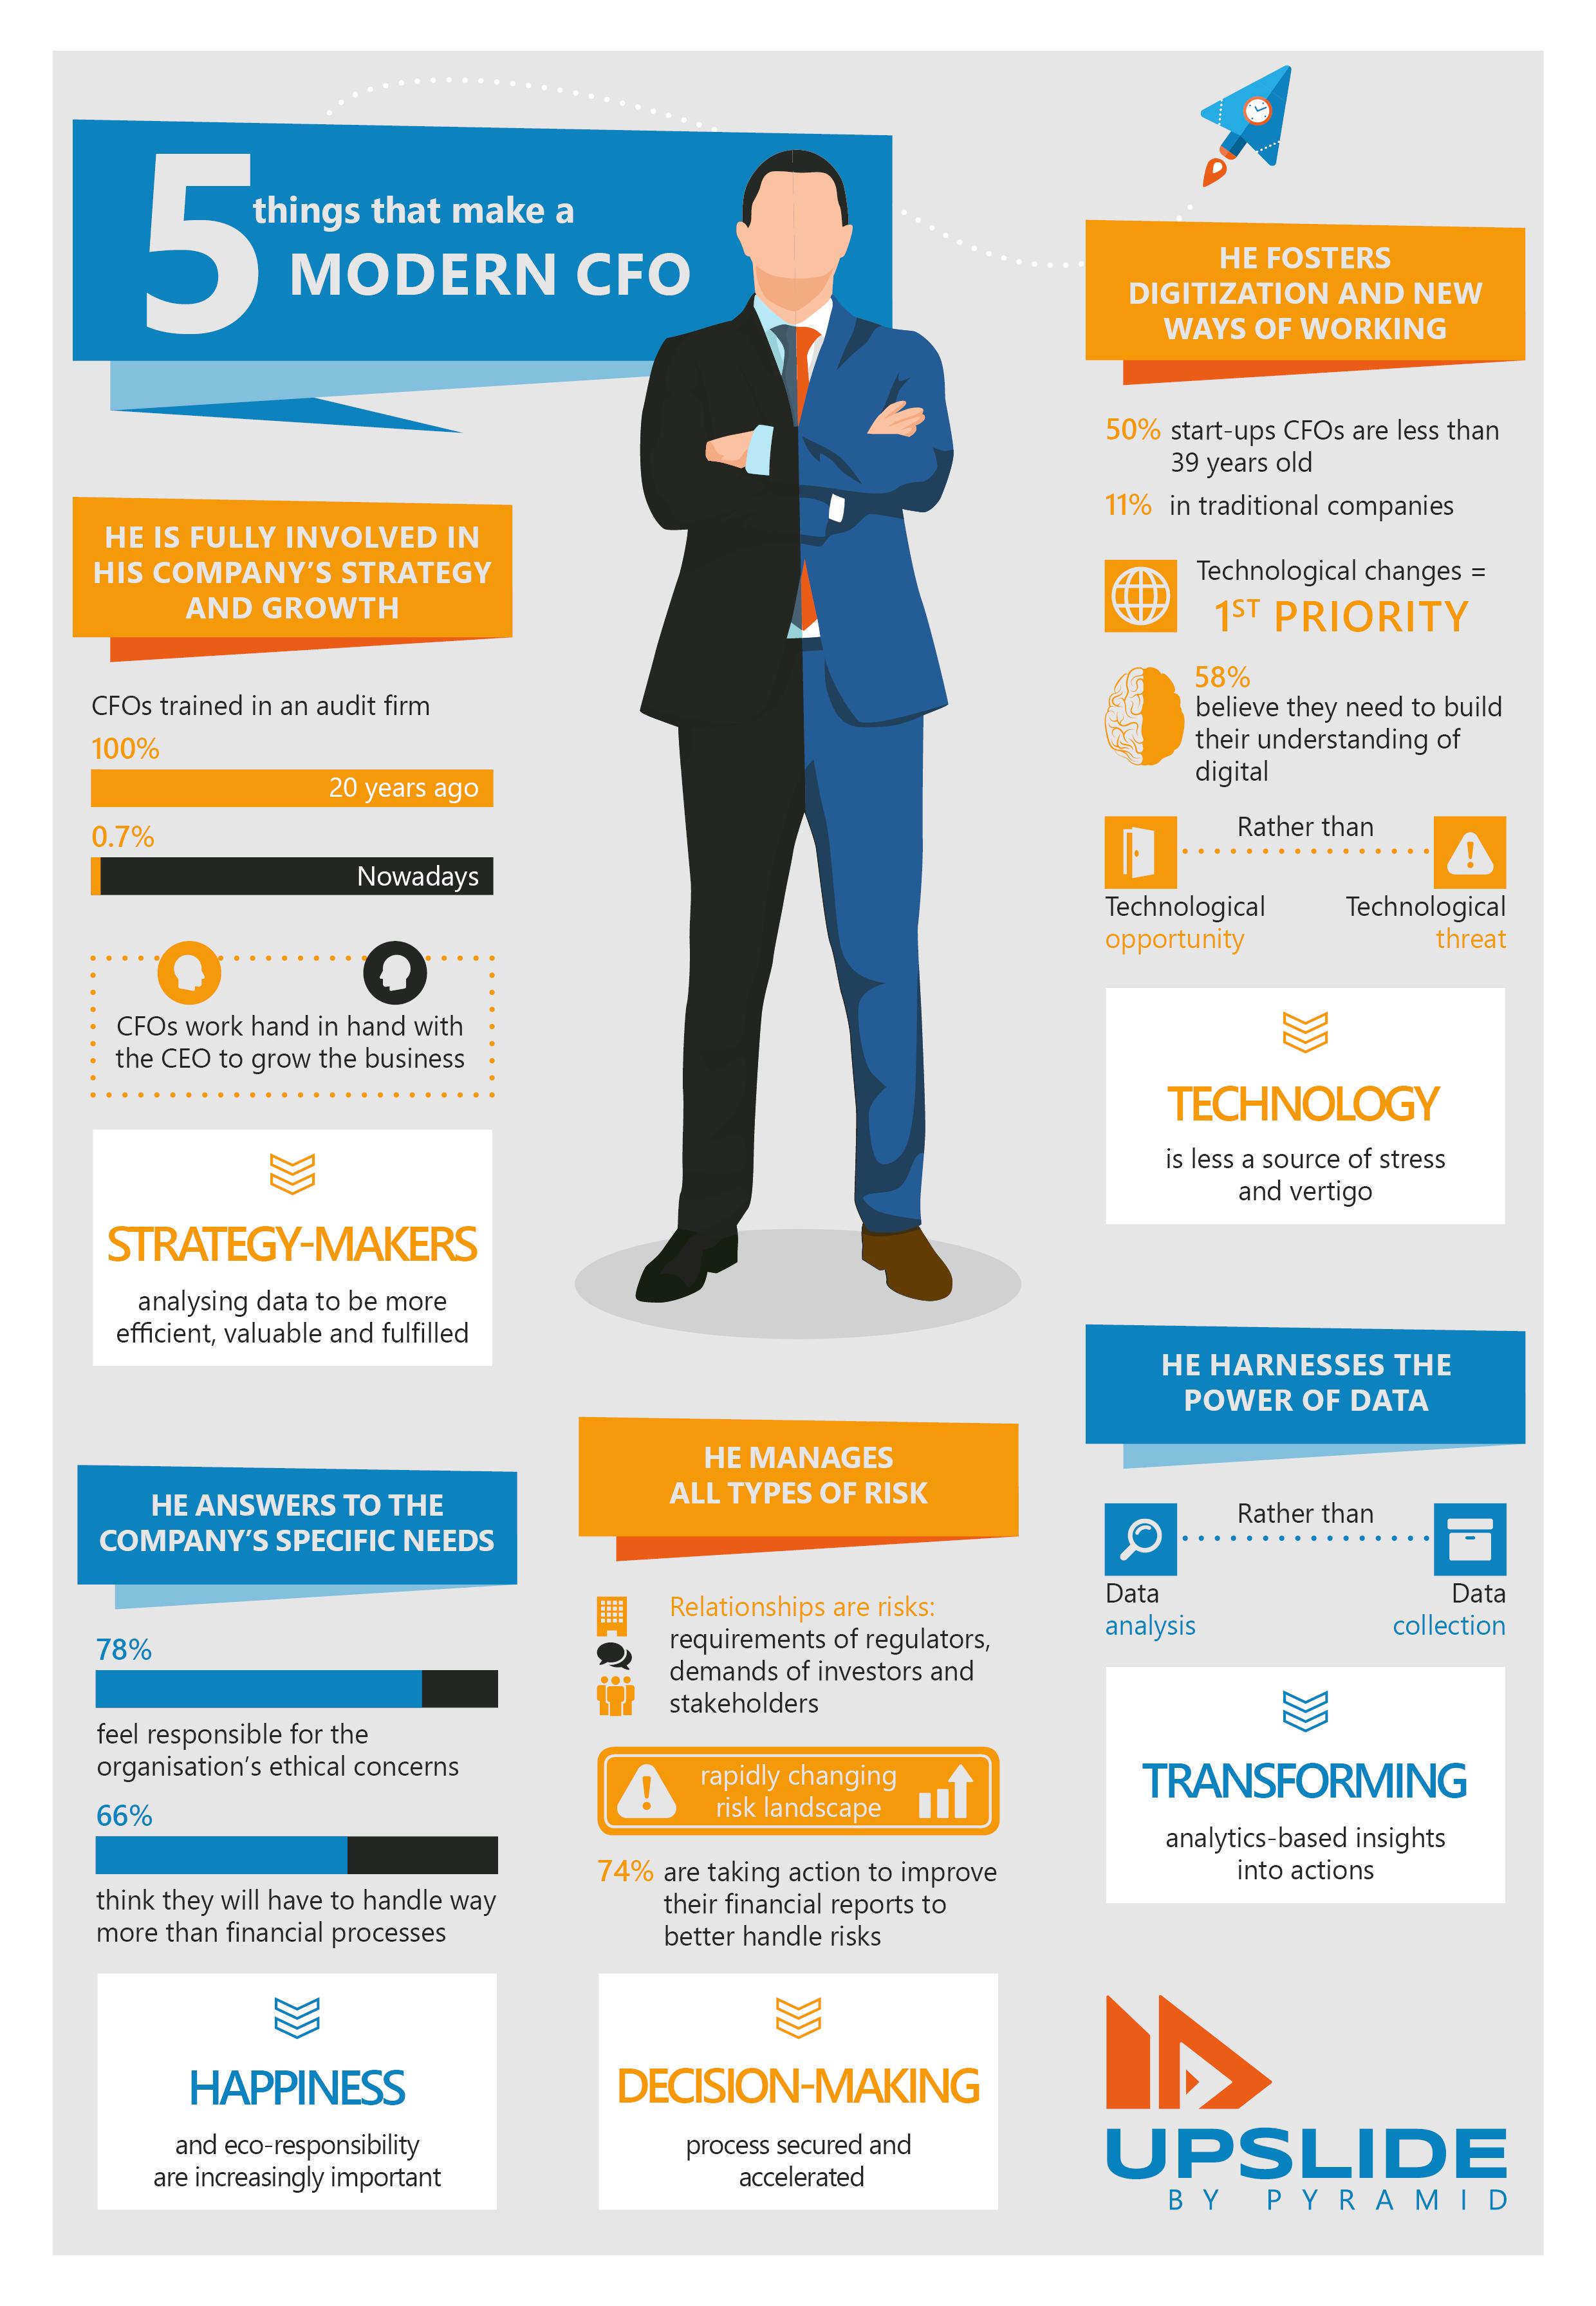 5 things that make a modern CFO